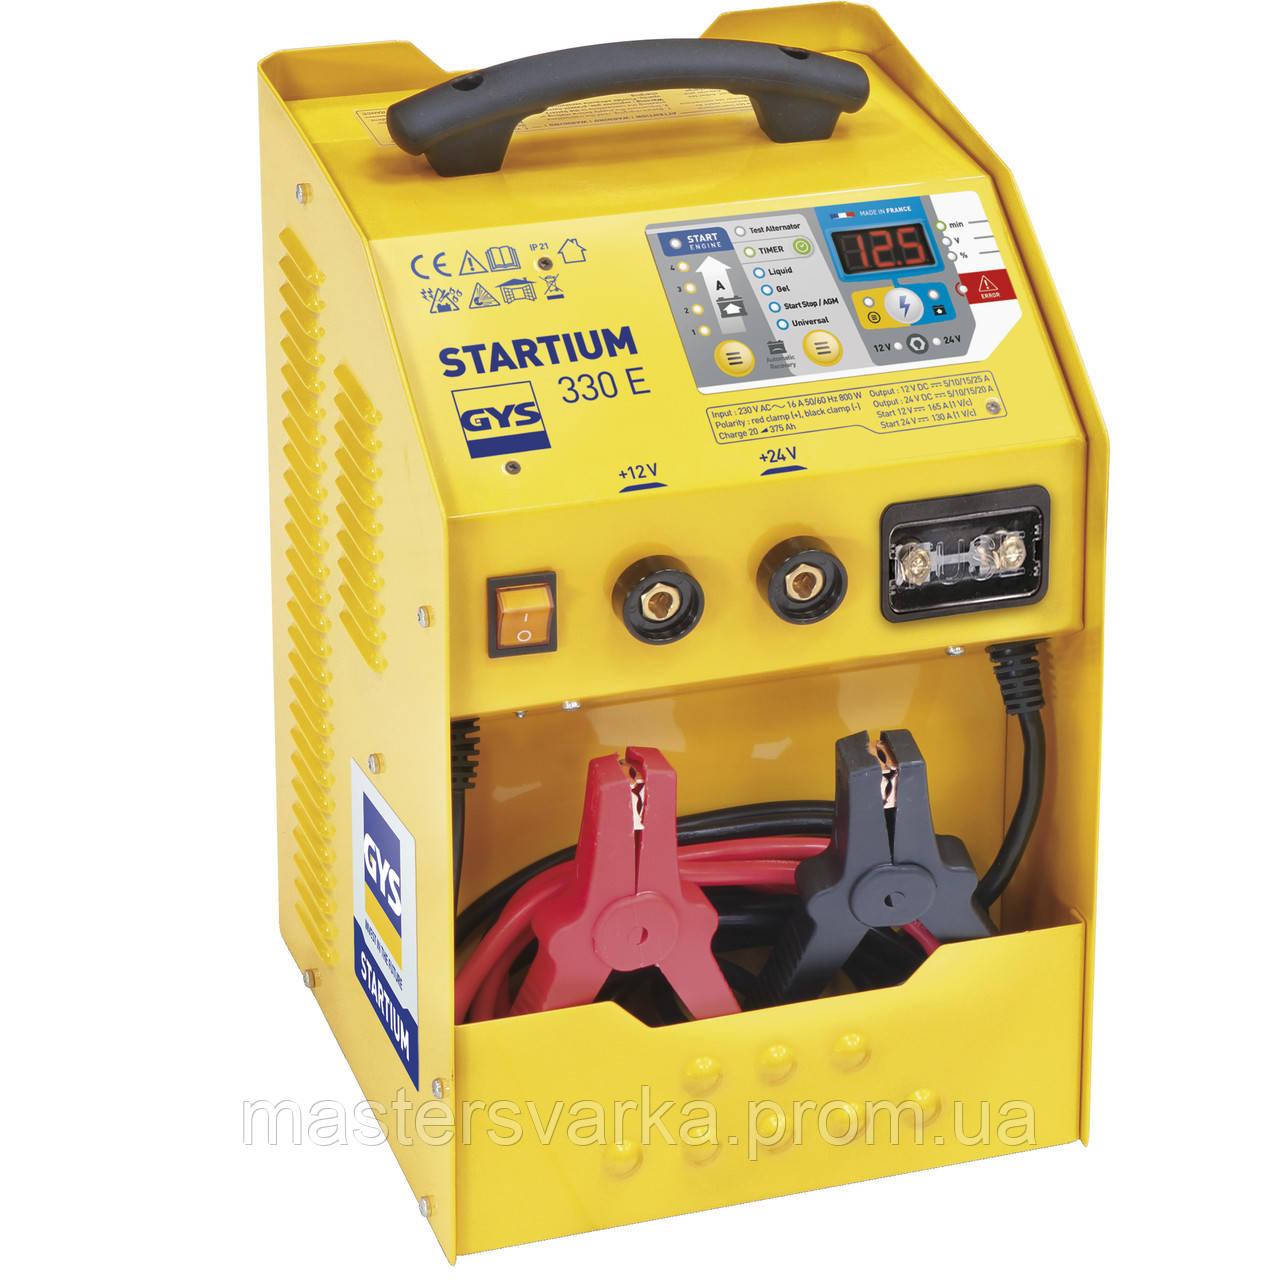 Зарядное и пусковое устройство GYS STARTIUM 330E